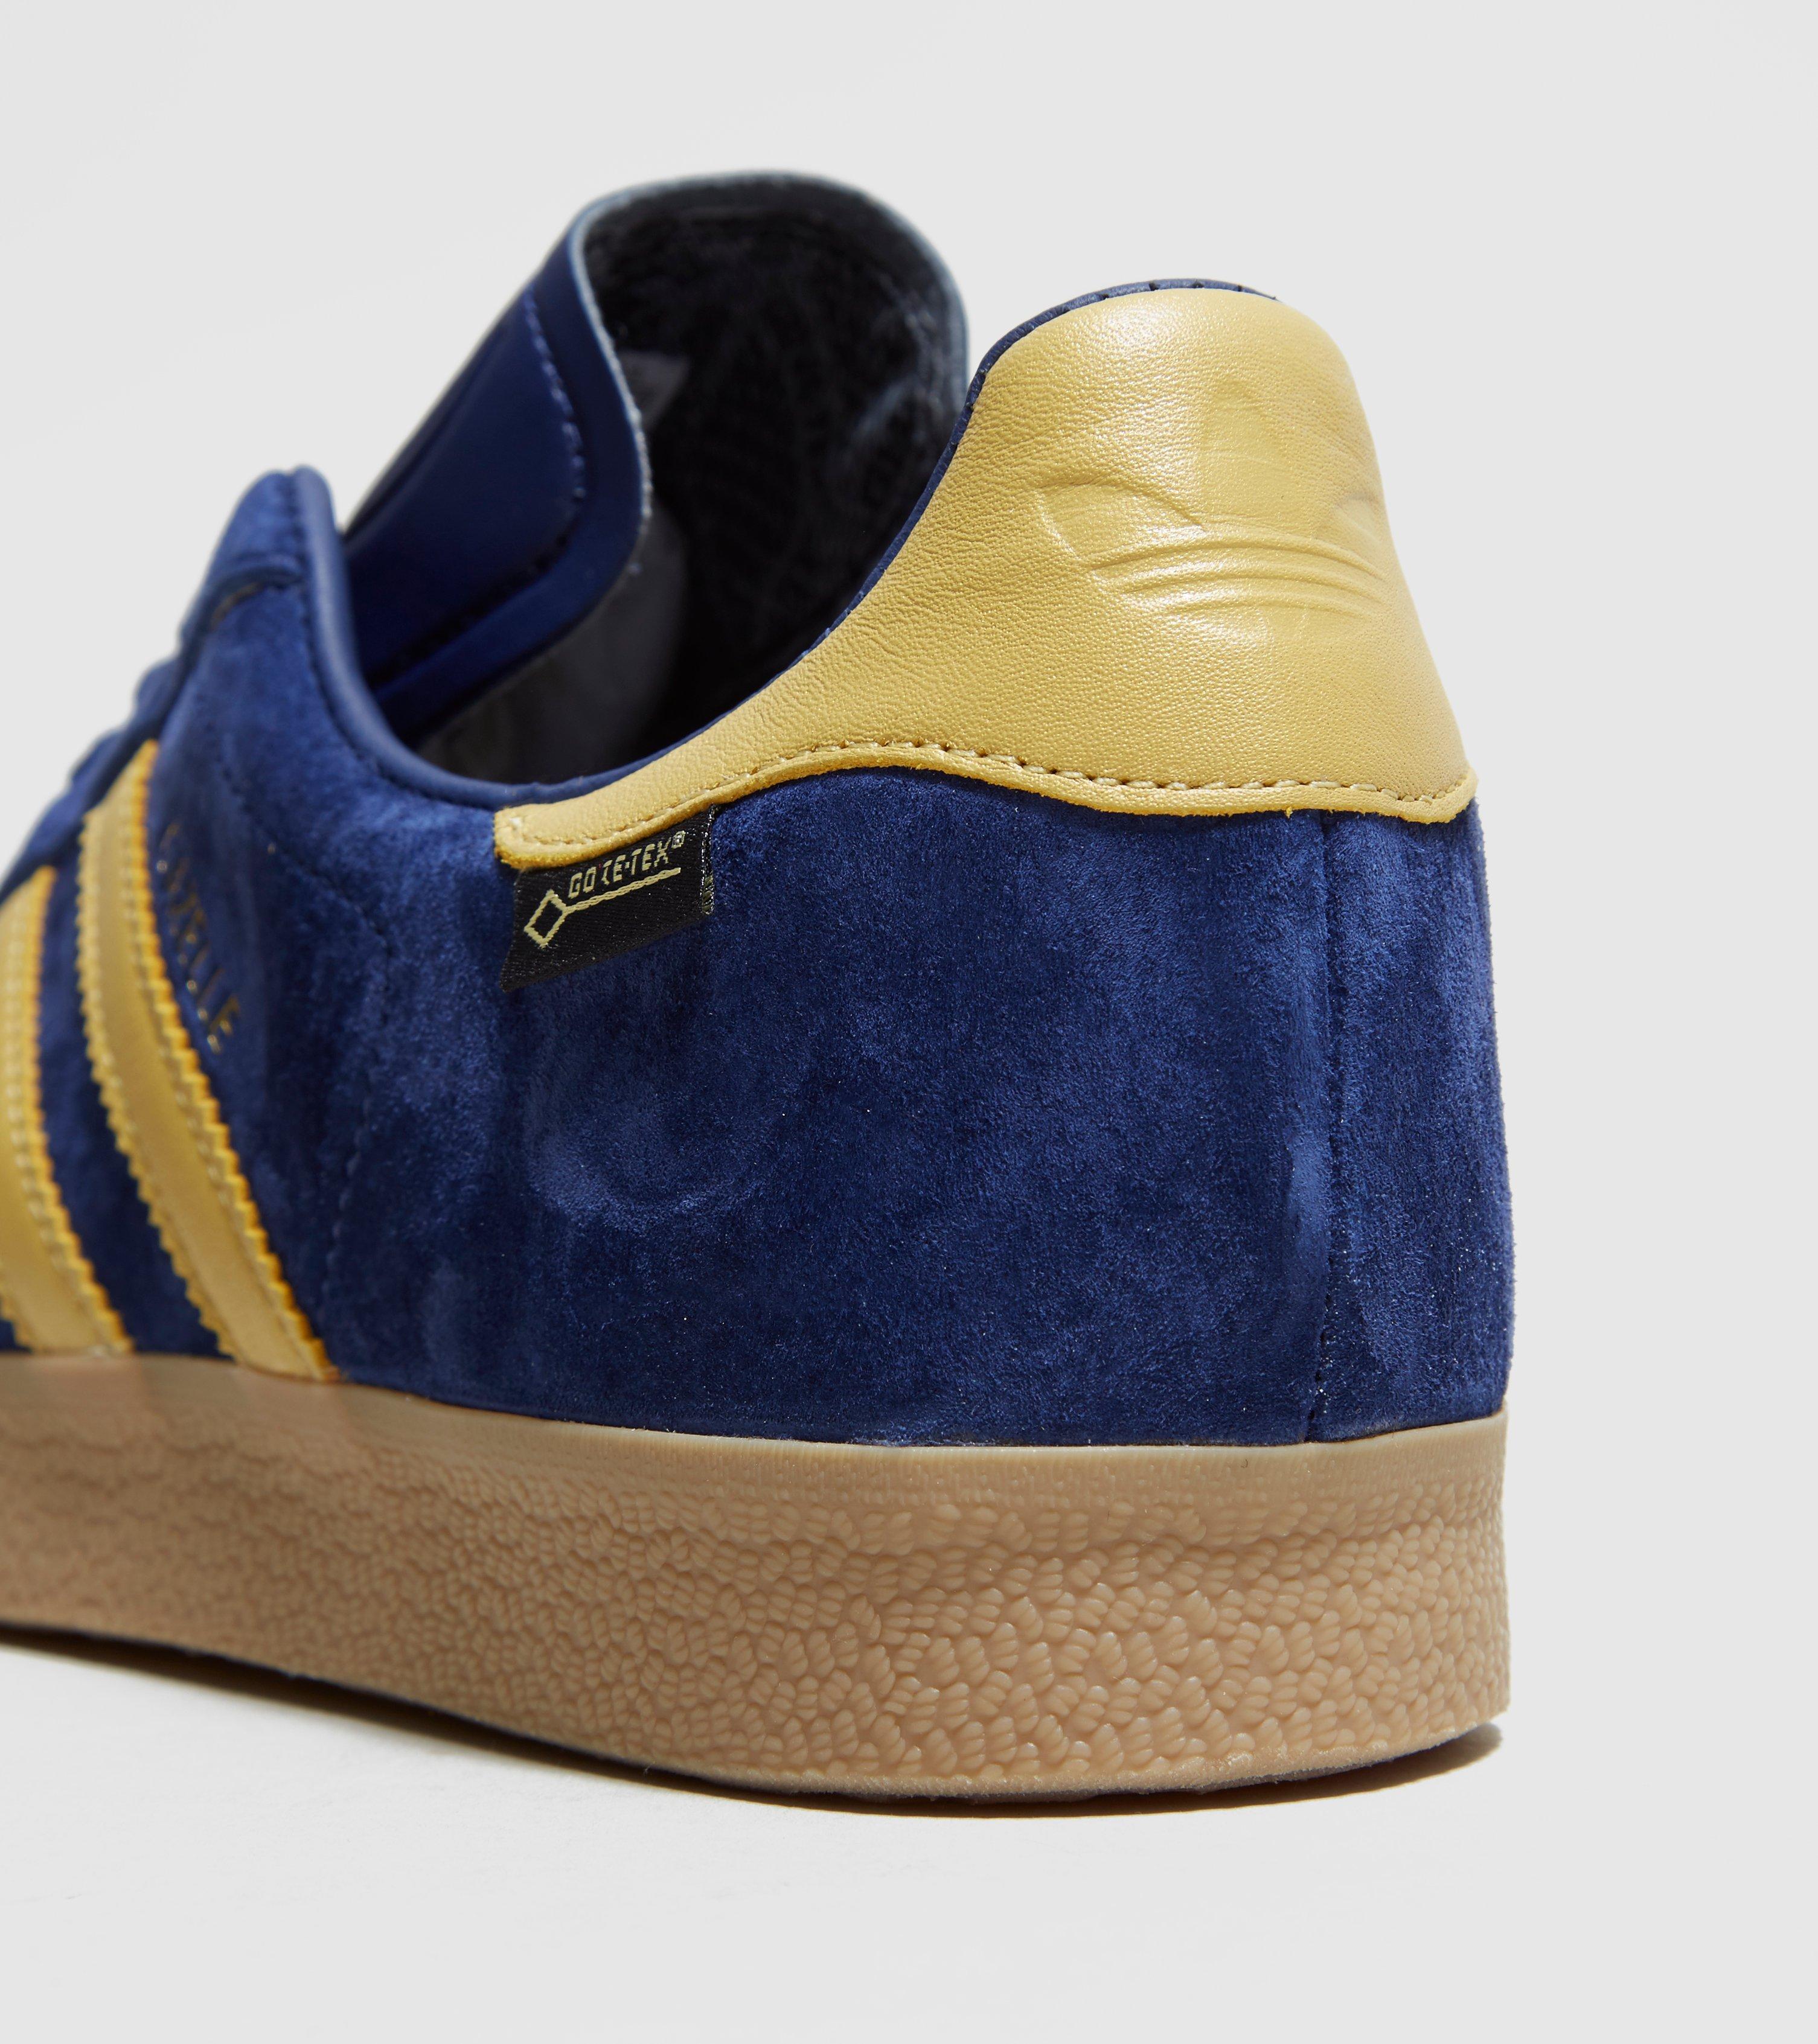 5e0e987e79e8af adidas Originals Gazelle Gore-tex Milan - Size  Exclusive in Blue ...